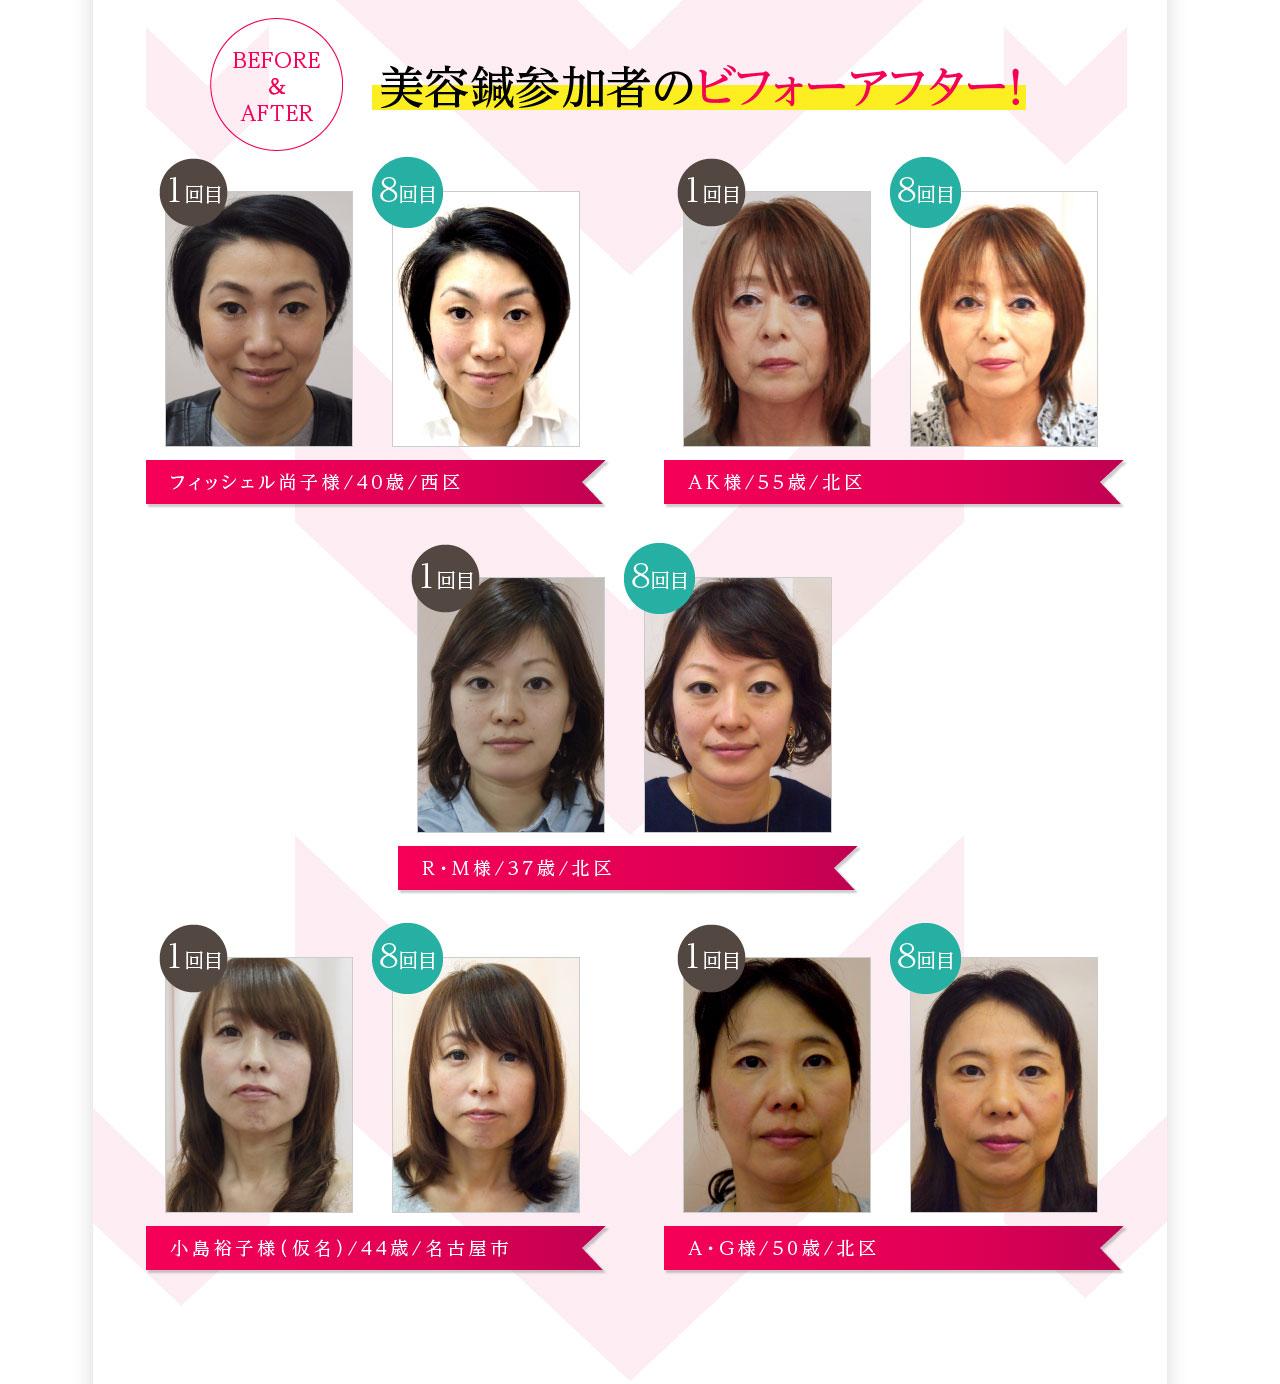 「自分の変化にびっくり!効果を感じました。」名古屋市北区 I.Yさま